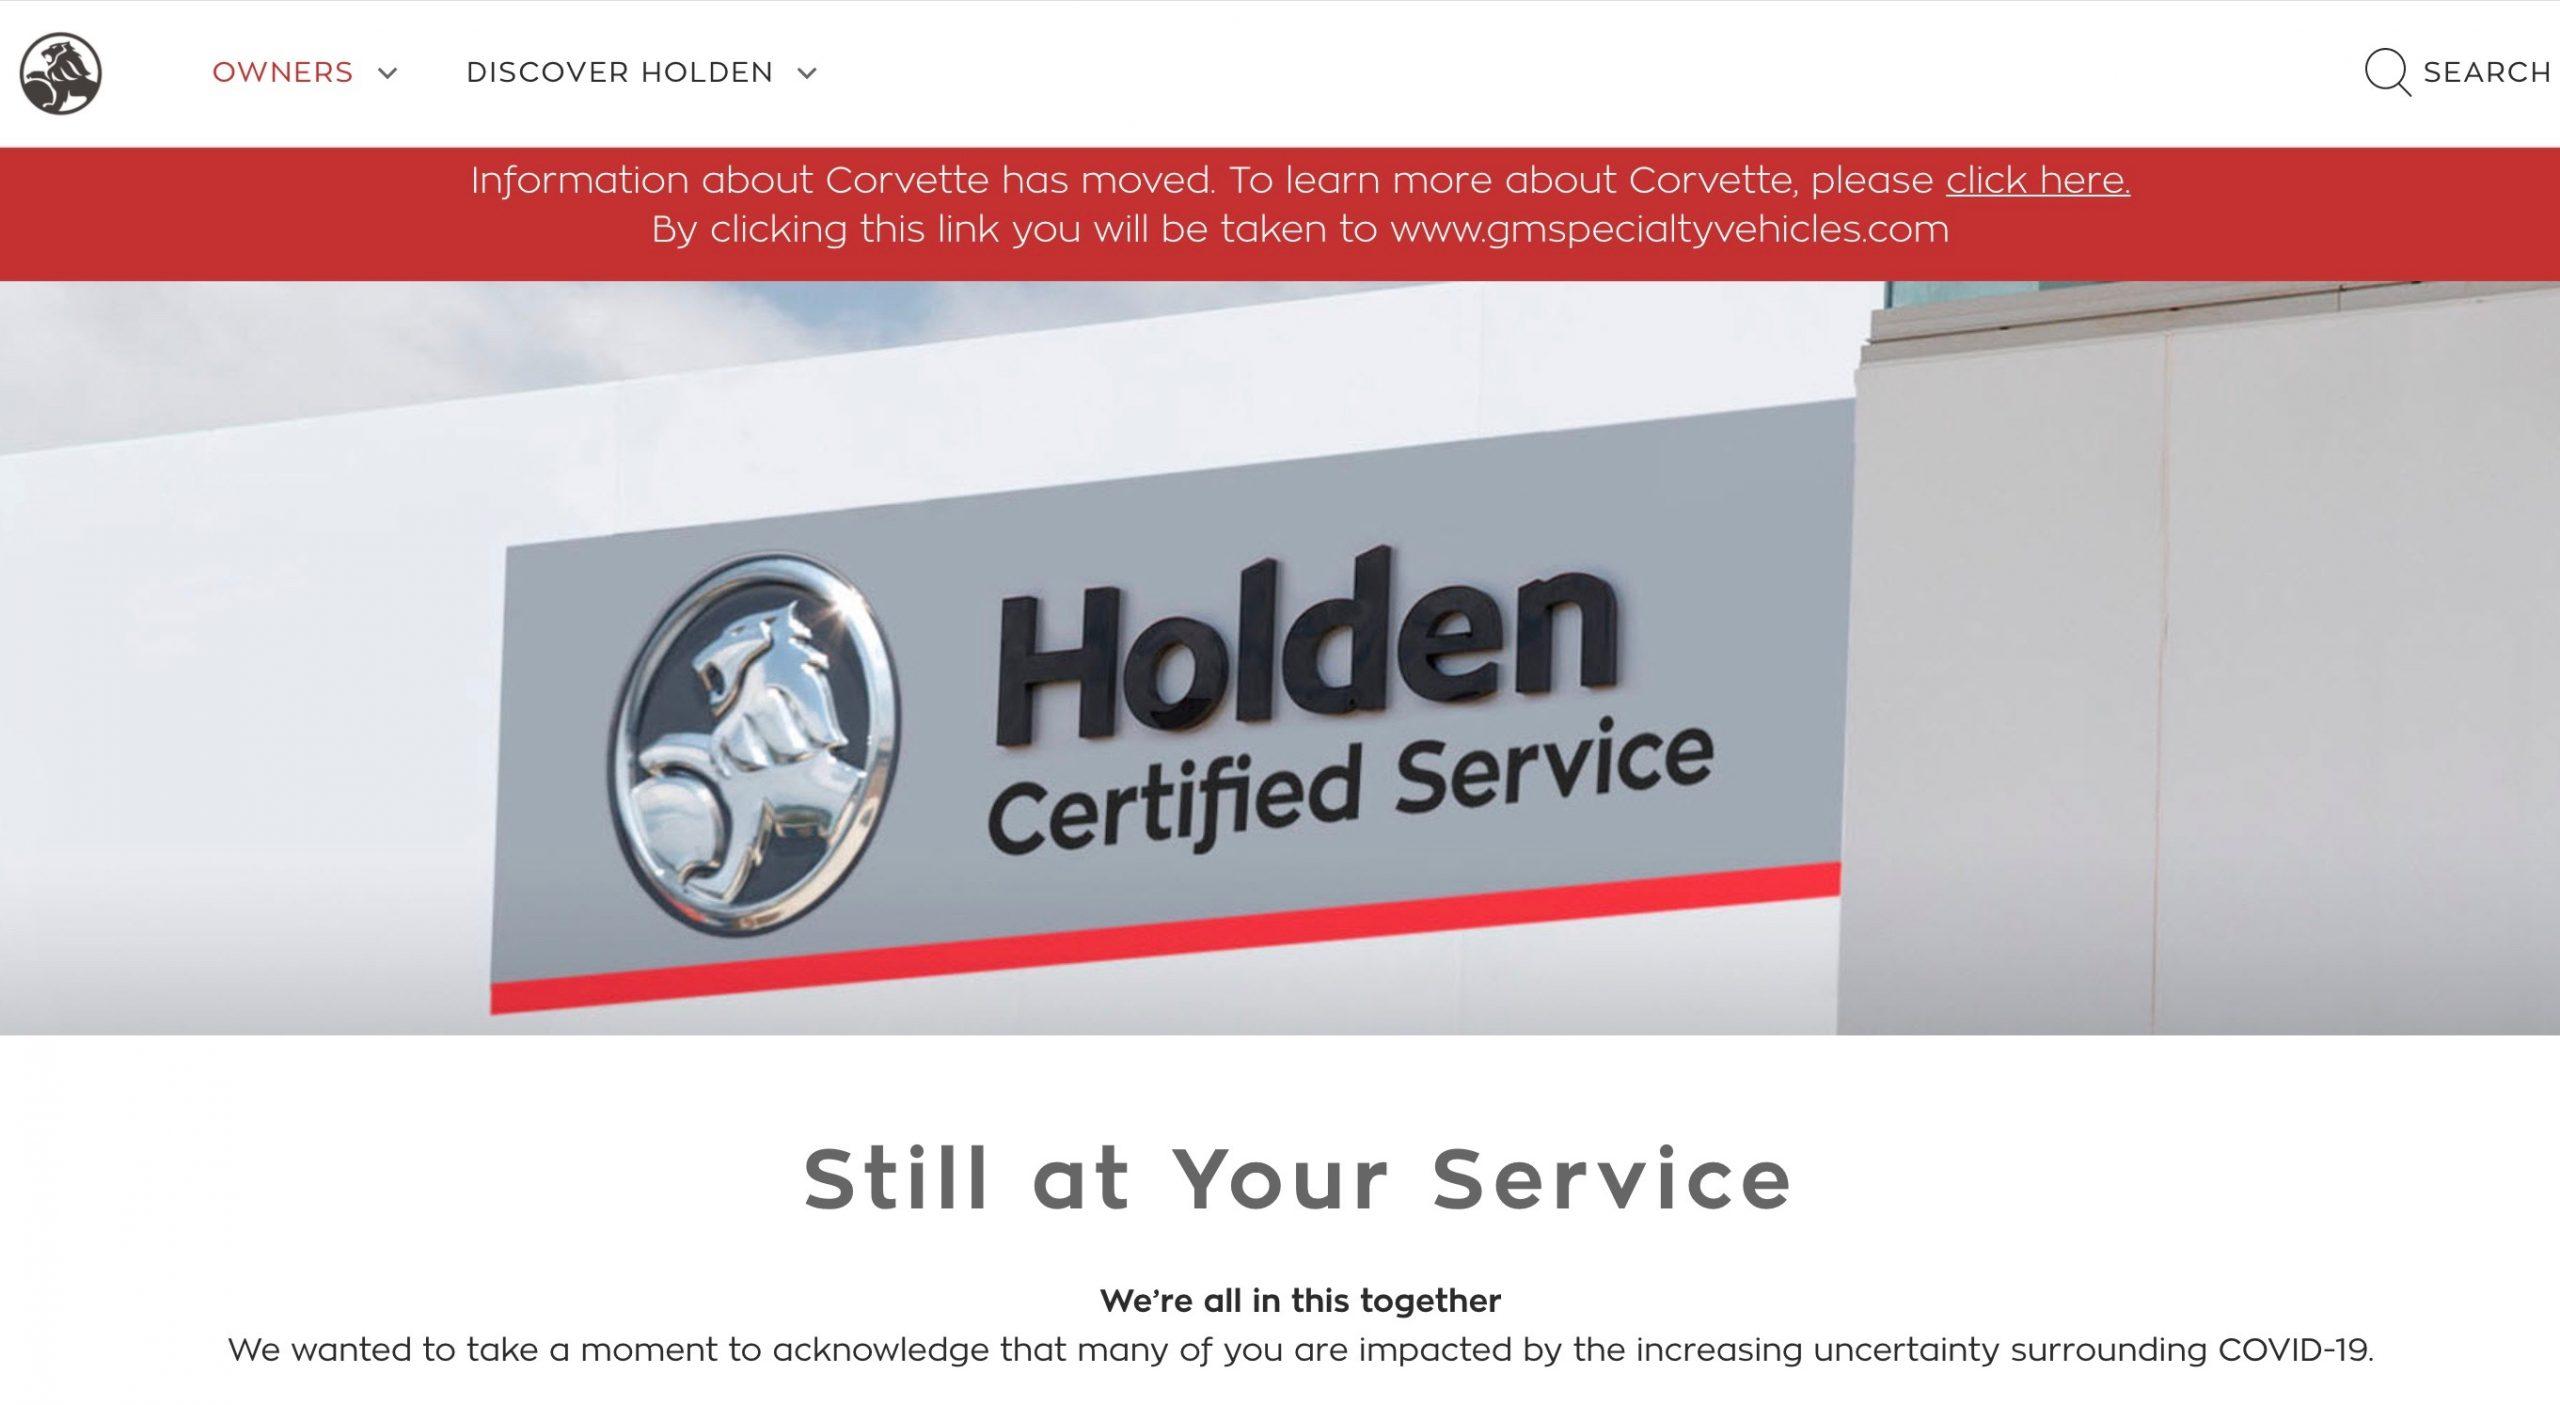 Holden website no longer shows cars, Corvette confirmed for 2021